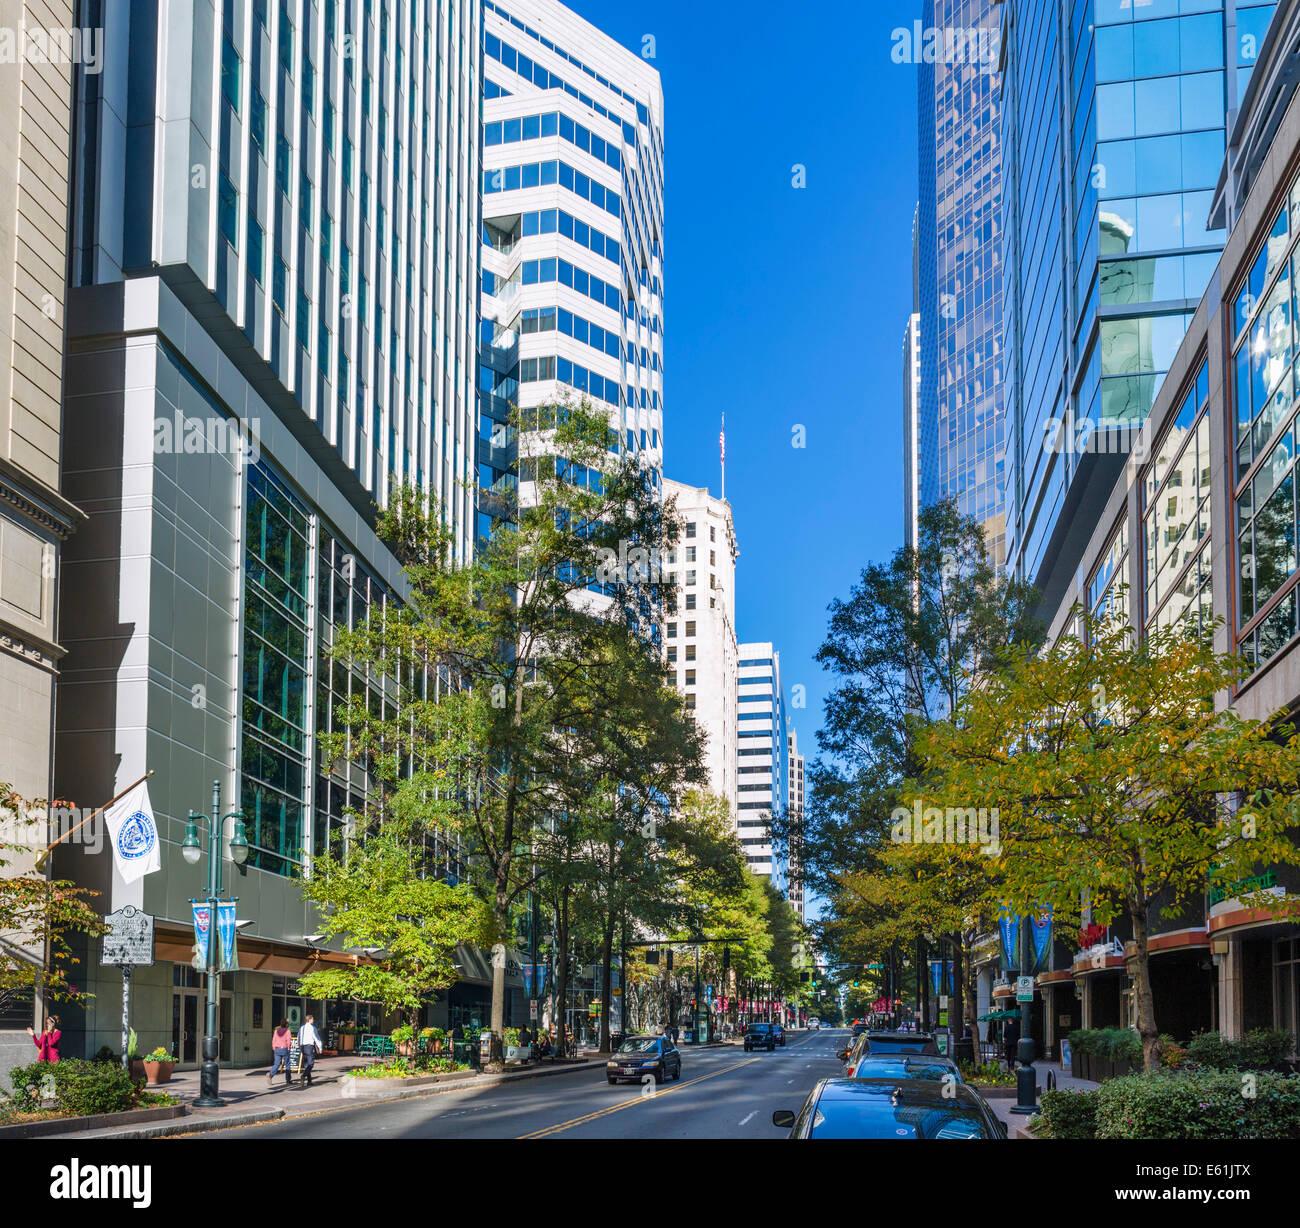 Les immeubles de bureaux de North Tryon Street à Uptown Charlotte, Caroline du Nord, États-Unis Photo Stock